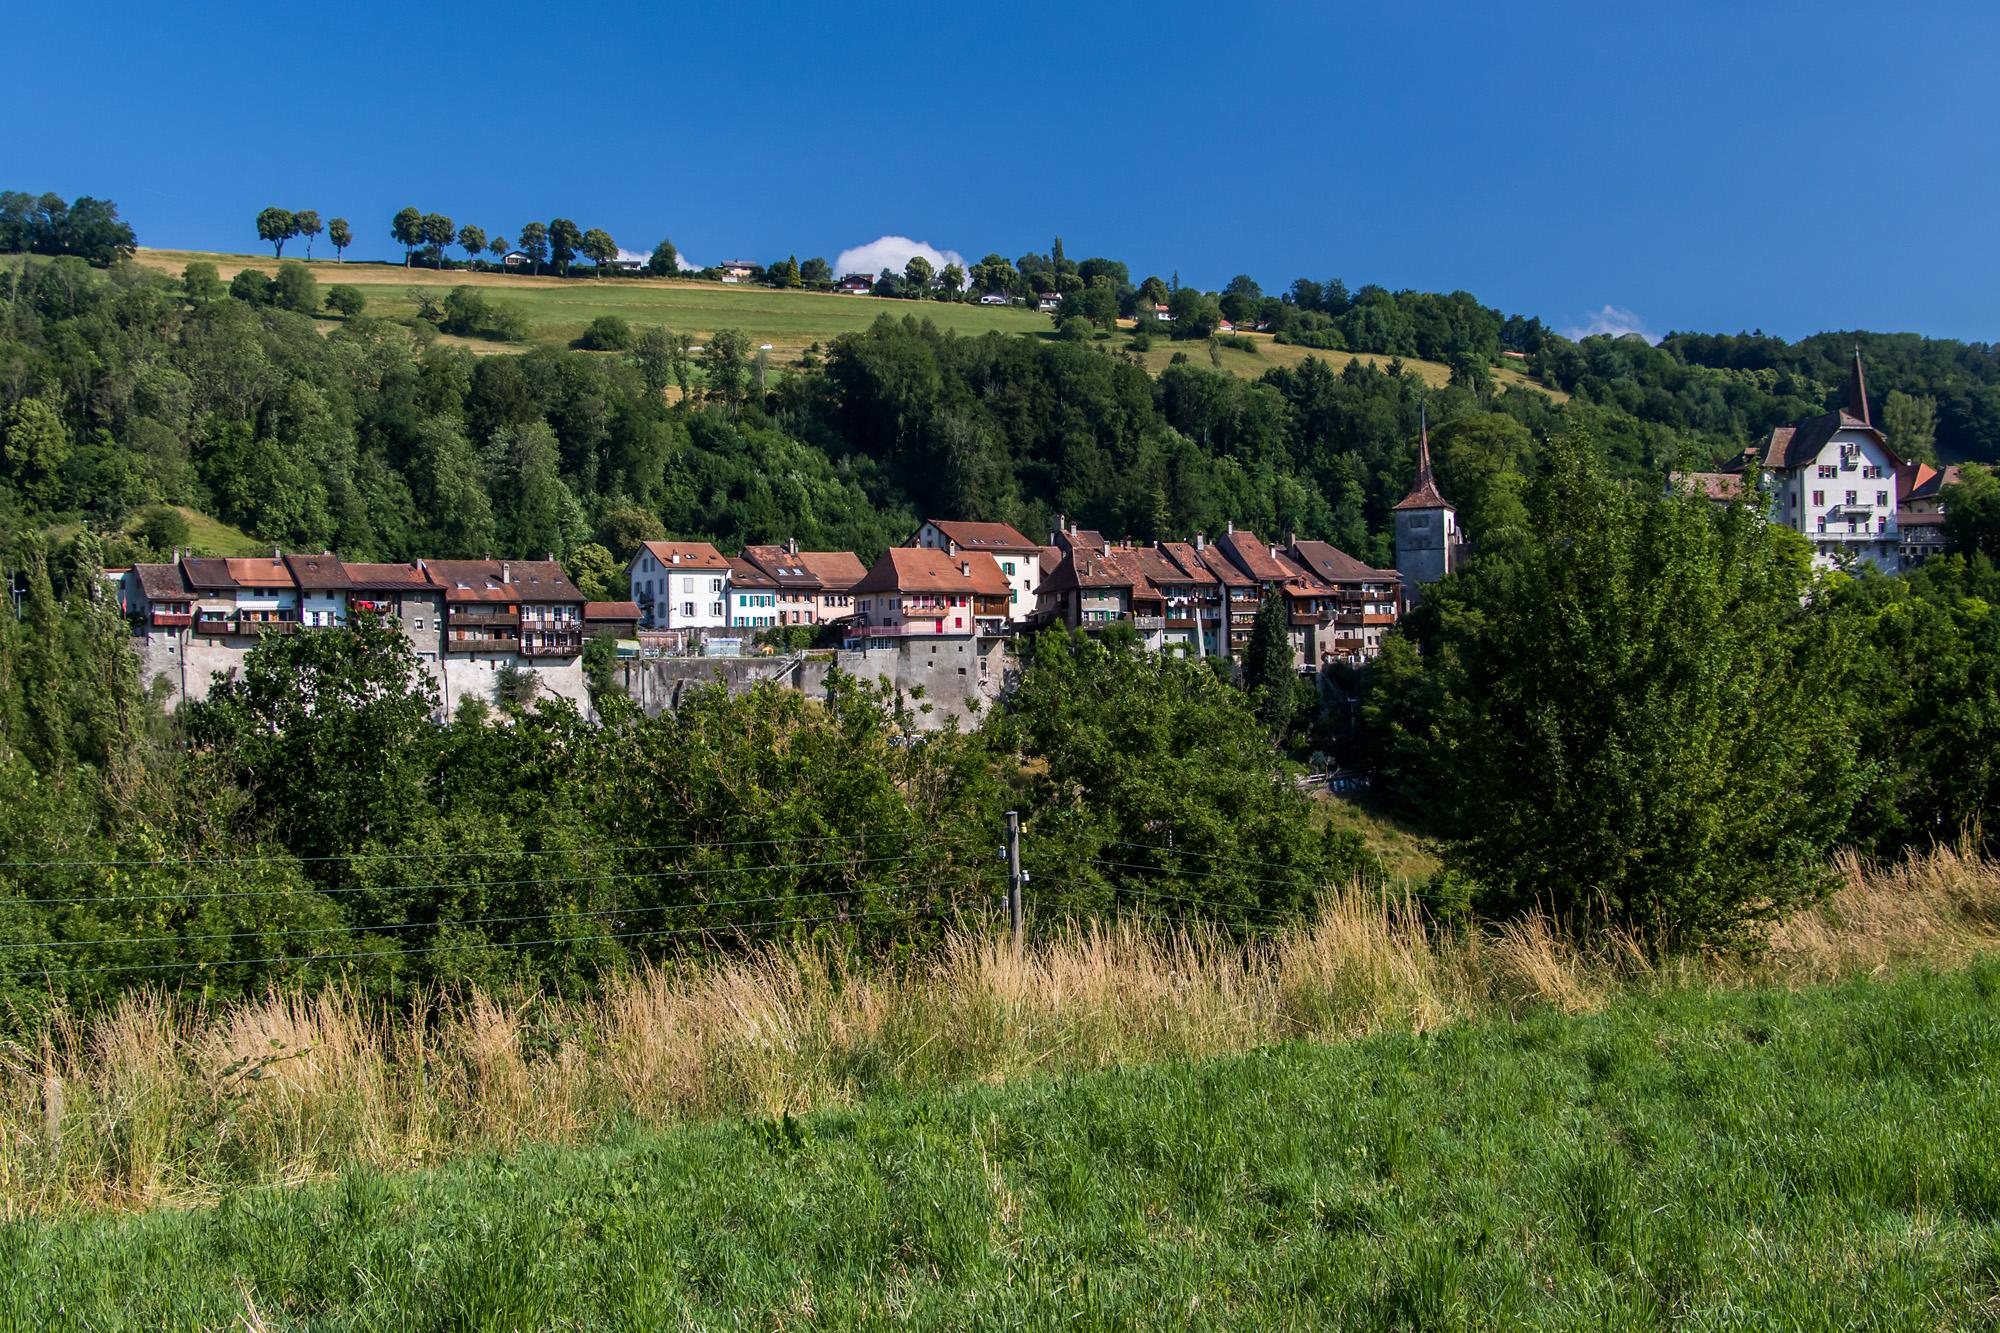 Die an den Hang gebaute, mittelalterliche Oberstadt von Moudon VD